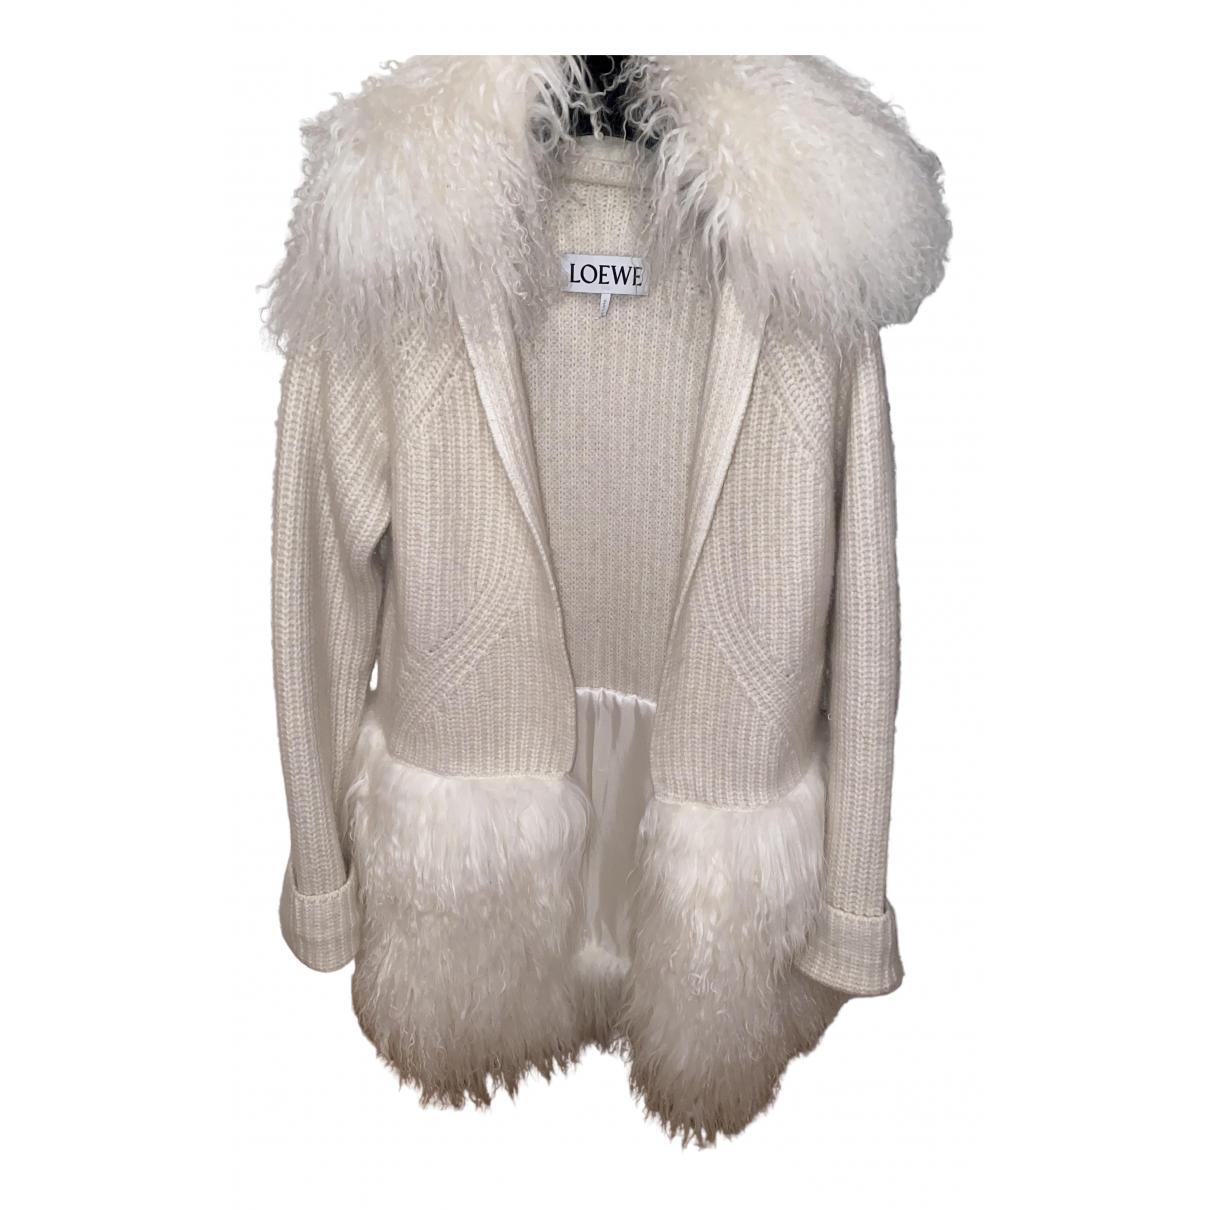 Loewe - Manteau   pour femme en agneau de mongolie - beige